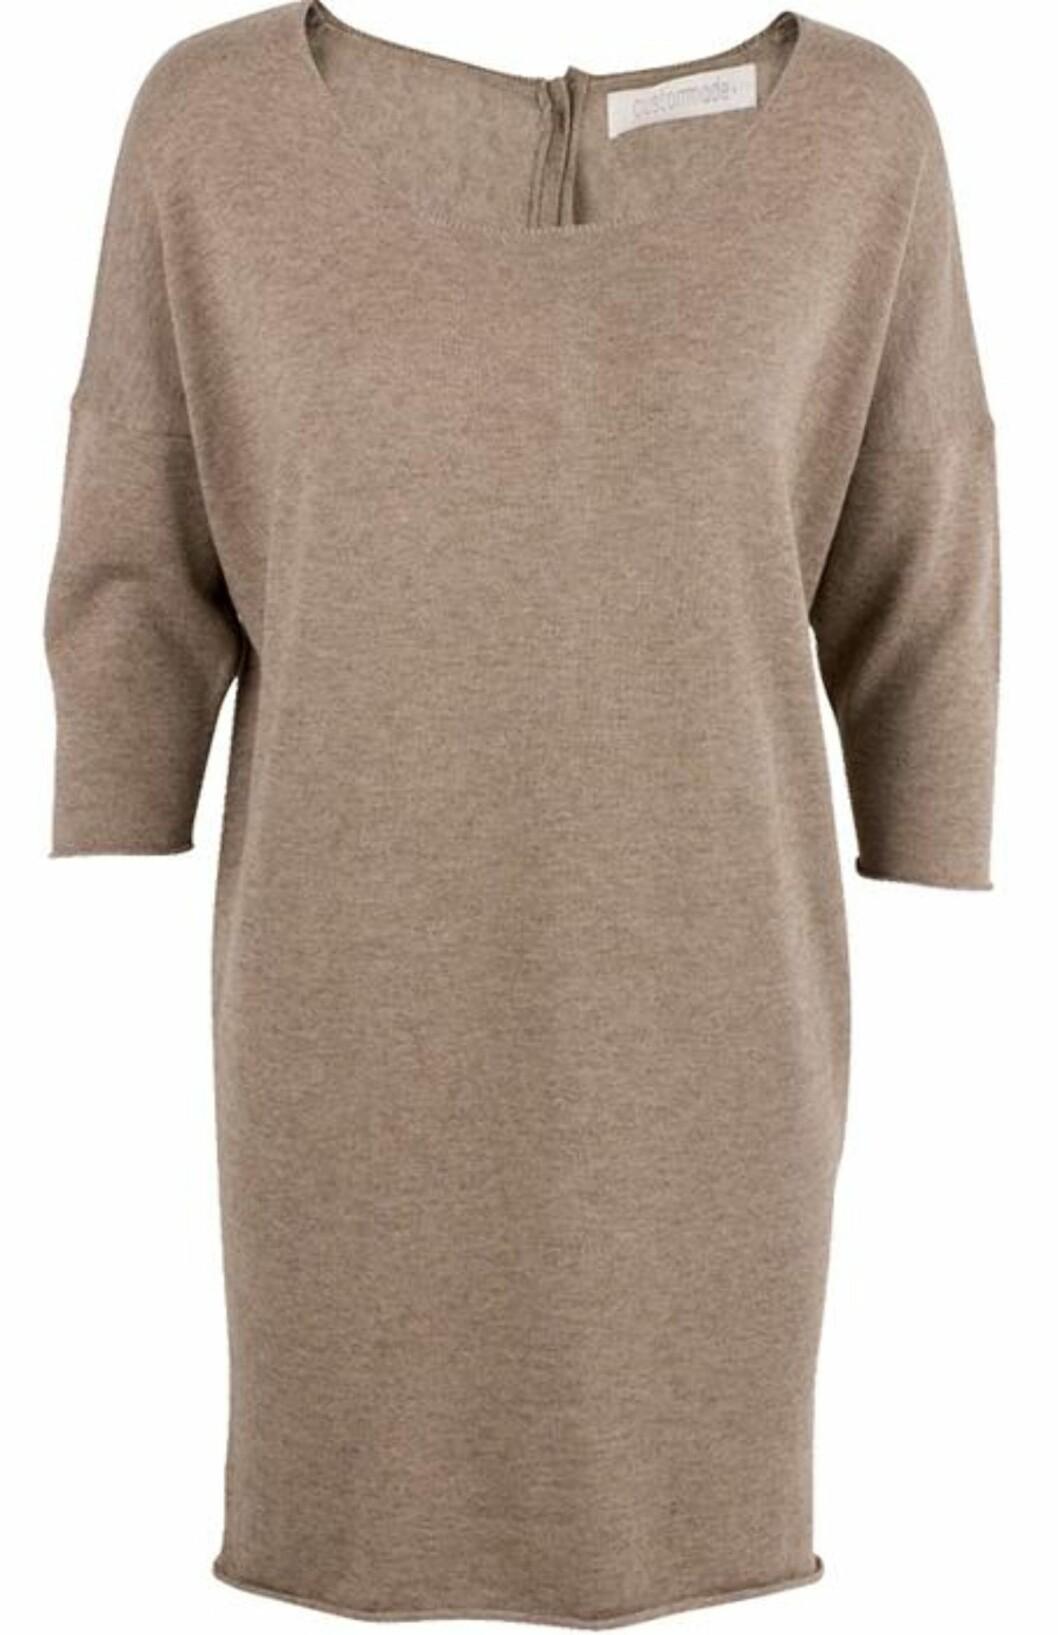 <strong>DRESS OPP ELLER NED:</strong> Kamelfarget kjole med halvlange ermer fra Custommade (ca kr.1030/Musthaves.dk). Kjolen er så enkel og ren i seg selv, at her har tilbehør mye å si. Dress den opp med et kraftig halskjede og høye støvletter. Dress ned med røffe strømper og boots.Kjolen er laget i en ullblanding (15 prosent kasjmir, 15 prosent ull, 15 prosent bomull, 4 prosent angora, 33 prosent viskose og 18 prosent nylon).  Foto: Produsenten